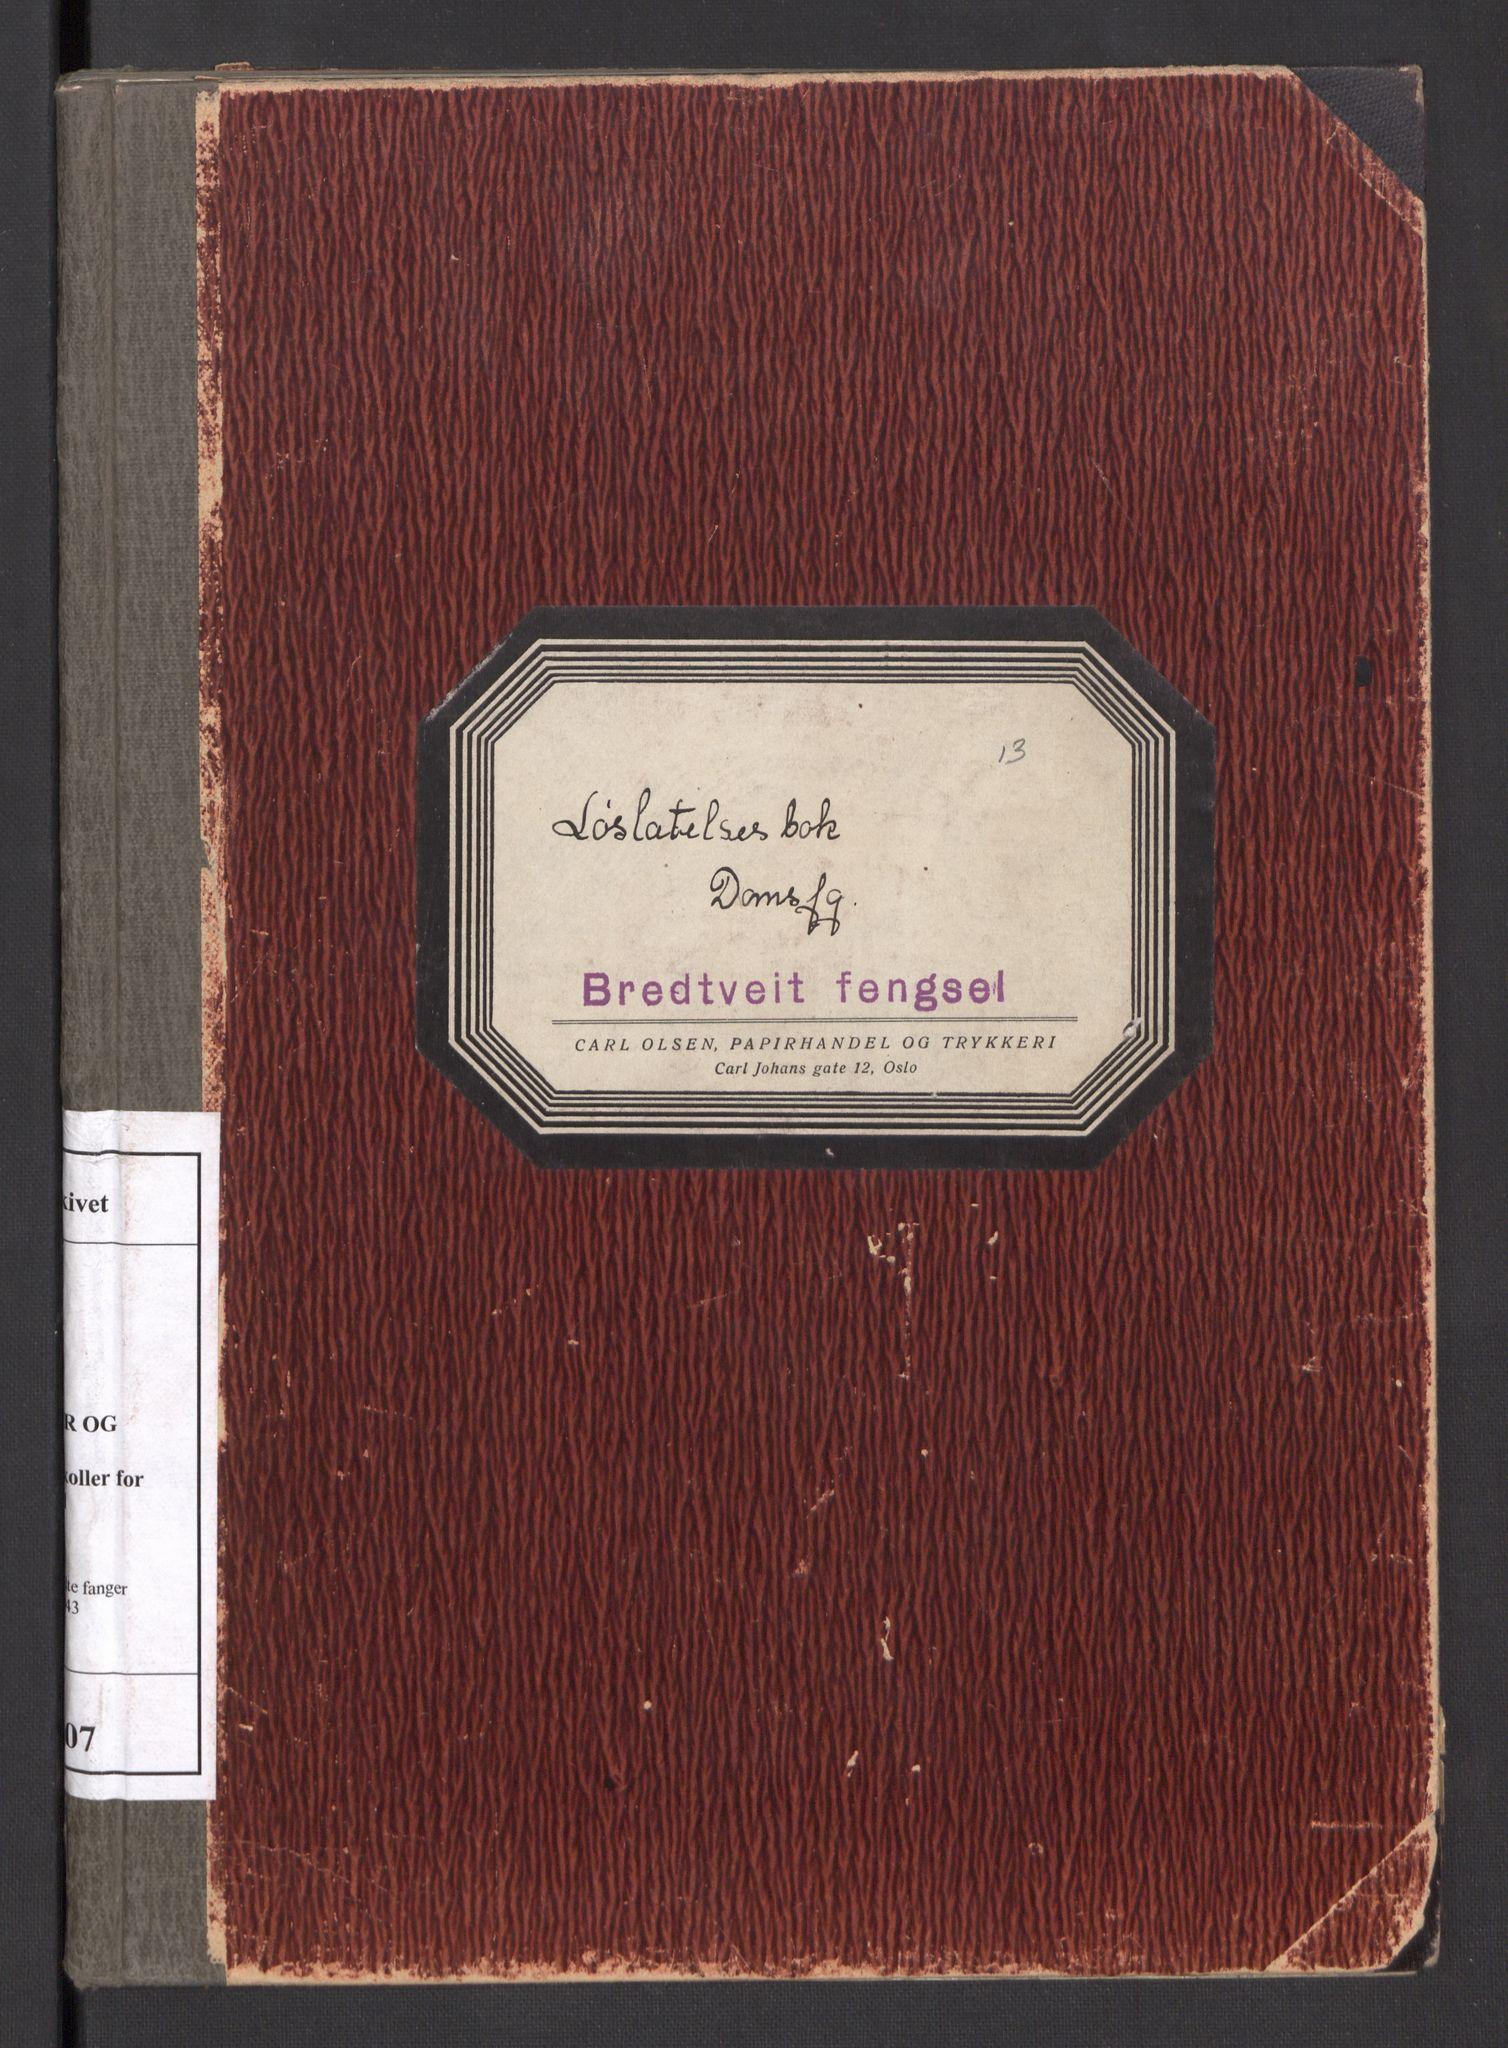 RA, Statspolitiet - Hovedkontoret / Osloavdelingen, C/Cl/L0007: Løslatelsesbok domfelte fanger, 1941-1943